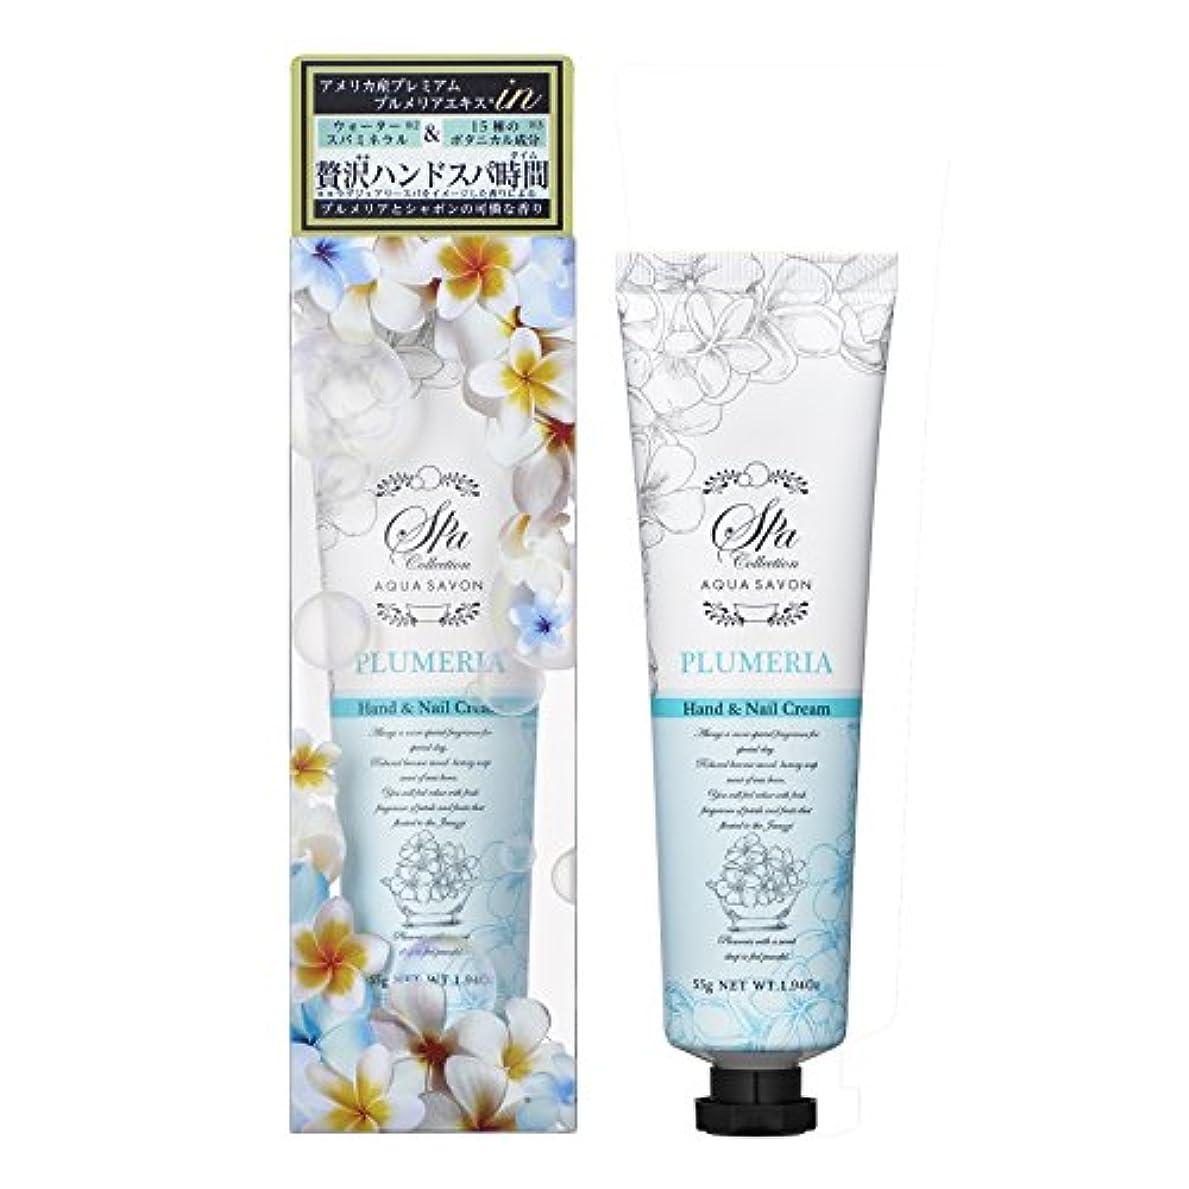 包囲ライン鎮静剤アクアシャボン スパコレクション ハンド&ネイルクリーム プルメリアスパの香り 55g